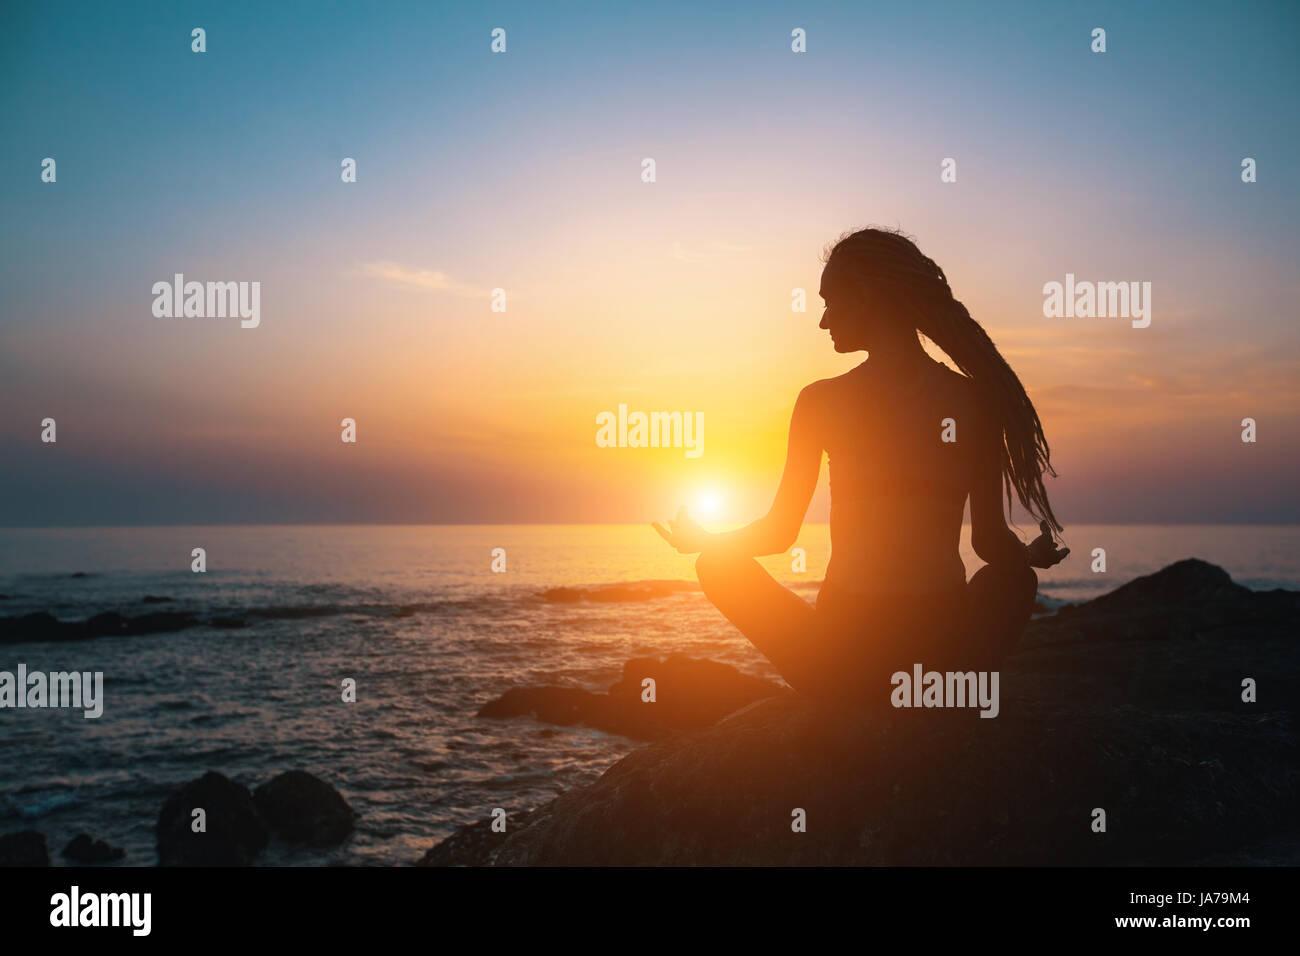 Meditation-Mädchen am Meer während des Sonnenuntergangs. Yoga-Silhouette. Fitness und gesunde Lebensweise. Stockfoto